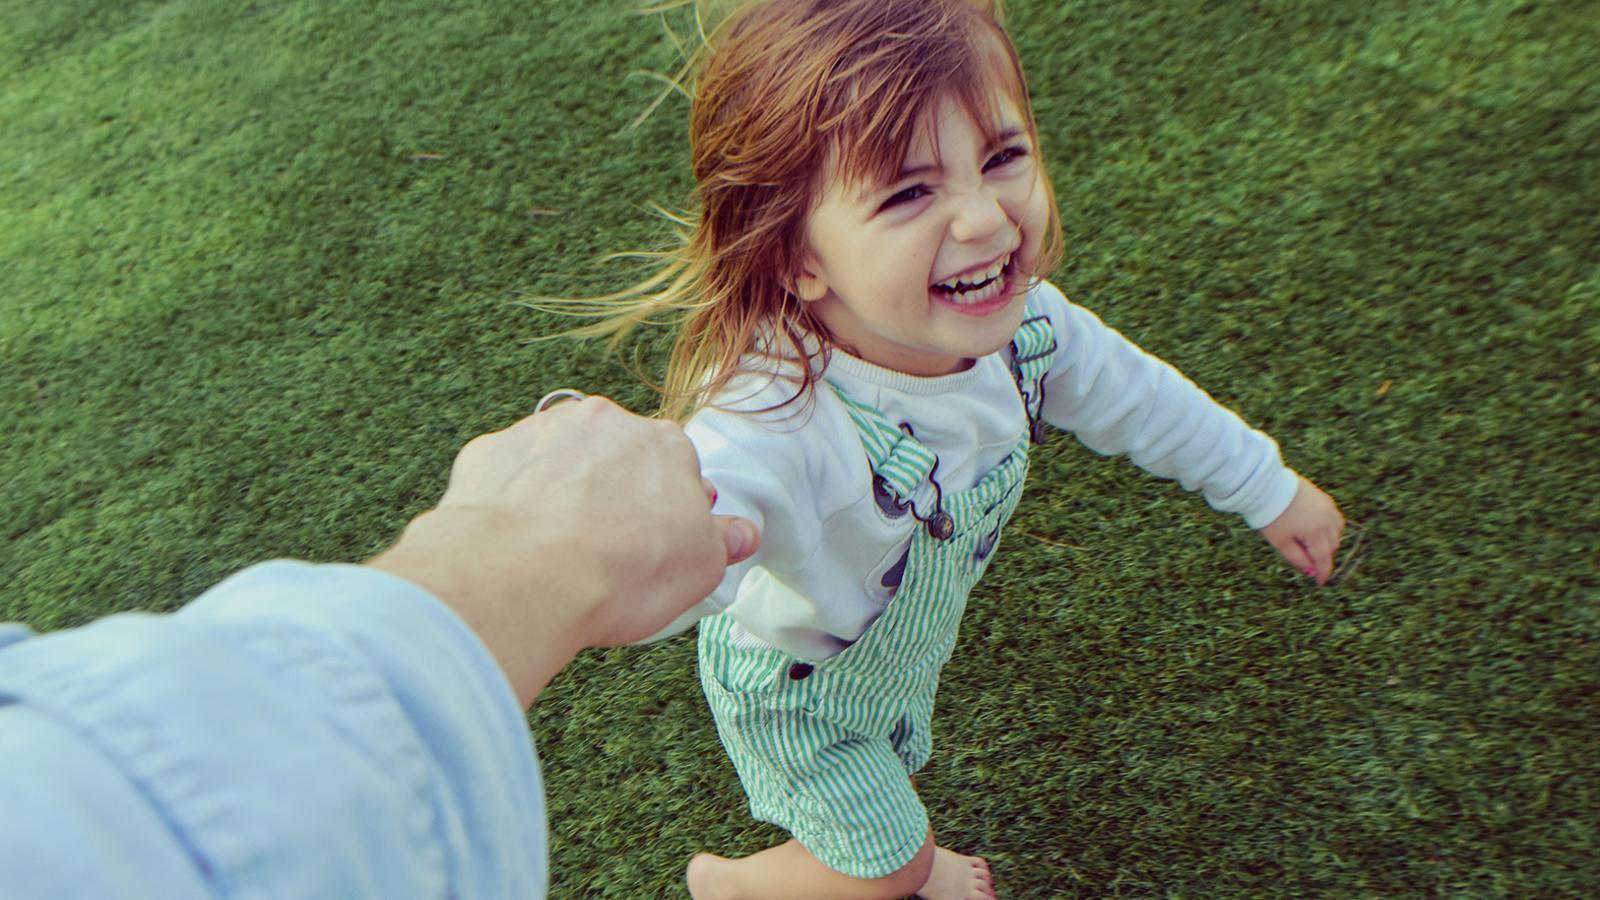 Els infants passen molt poc temps a l'aire lliure / GETTY